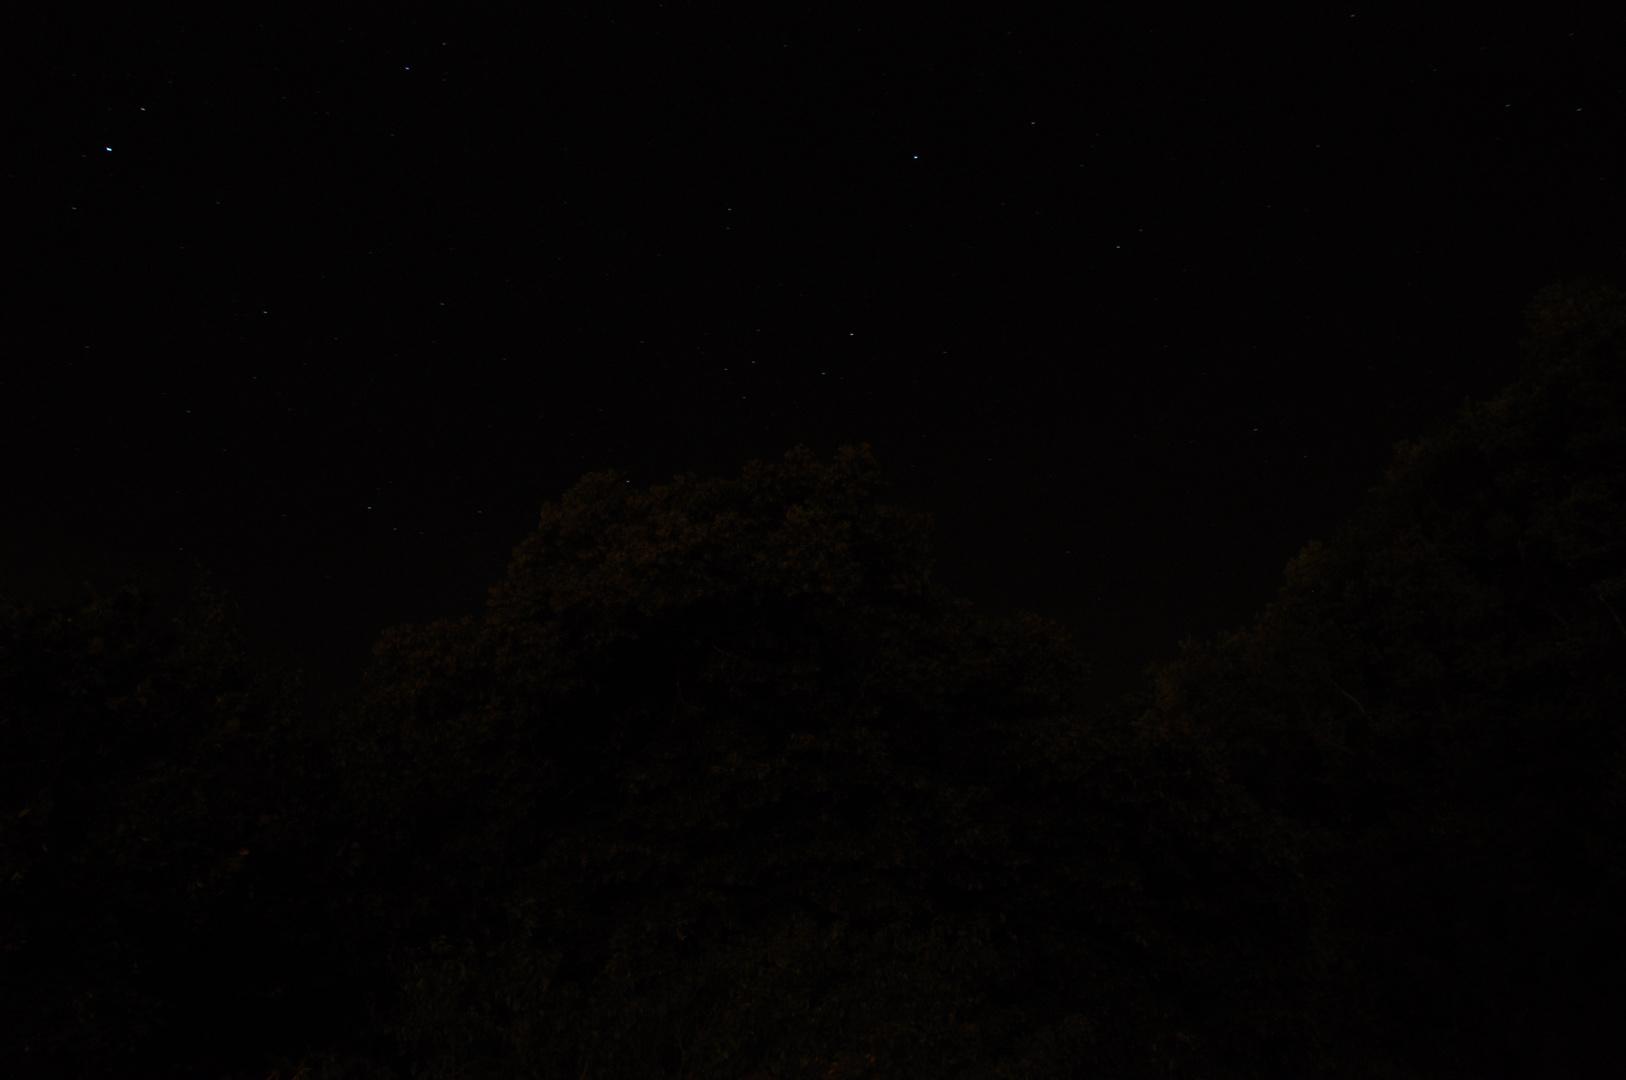 Baumkrone mit Sternenhimmel